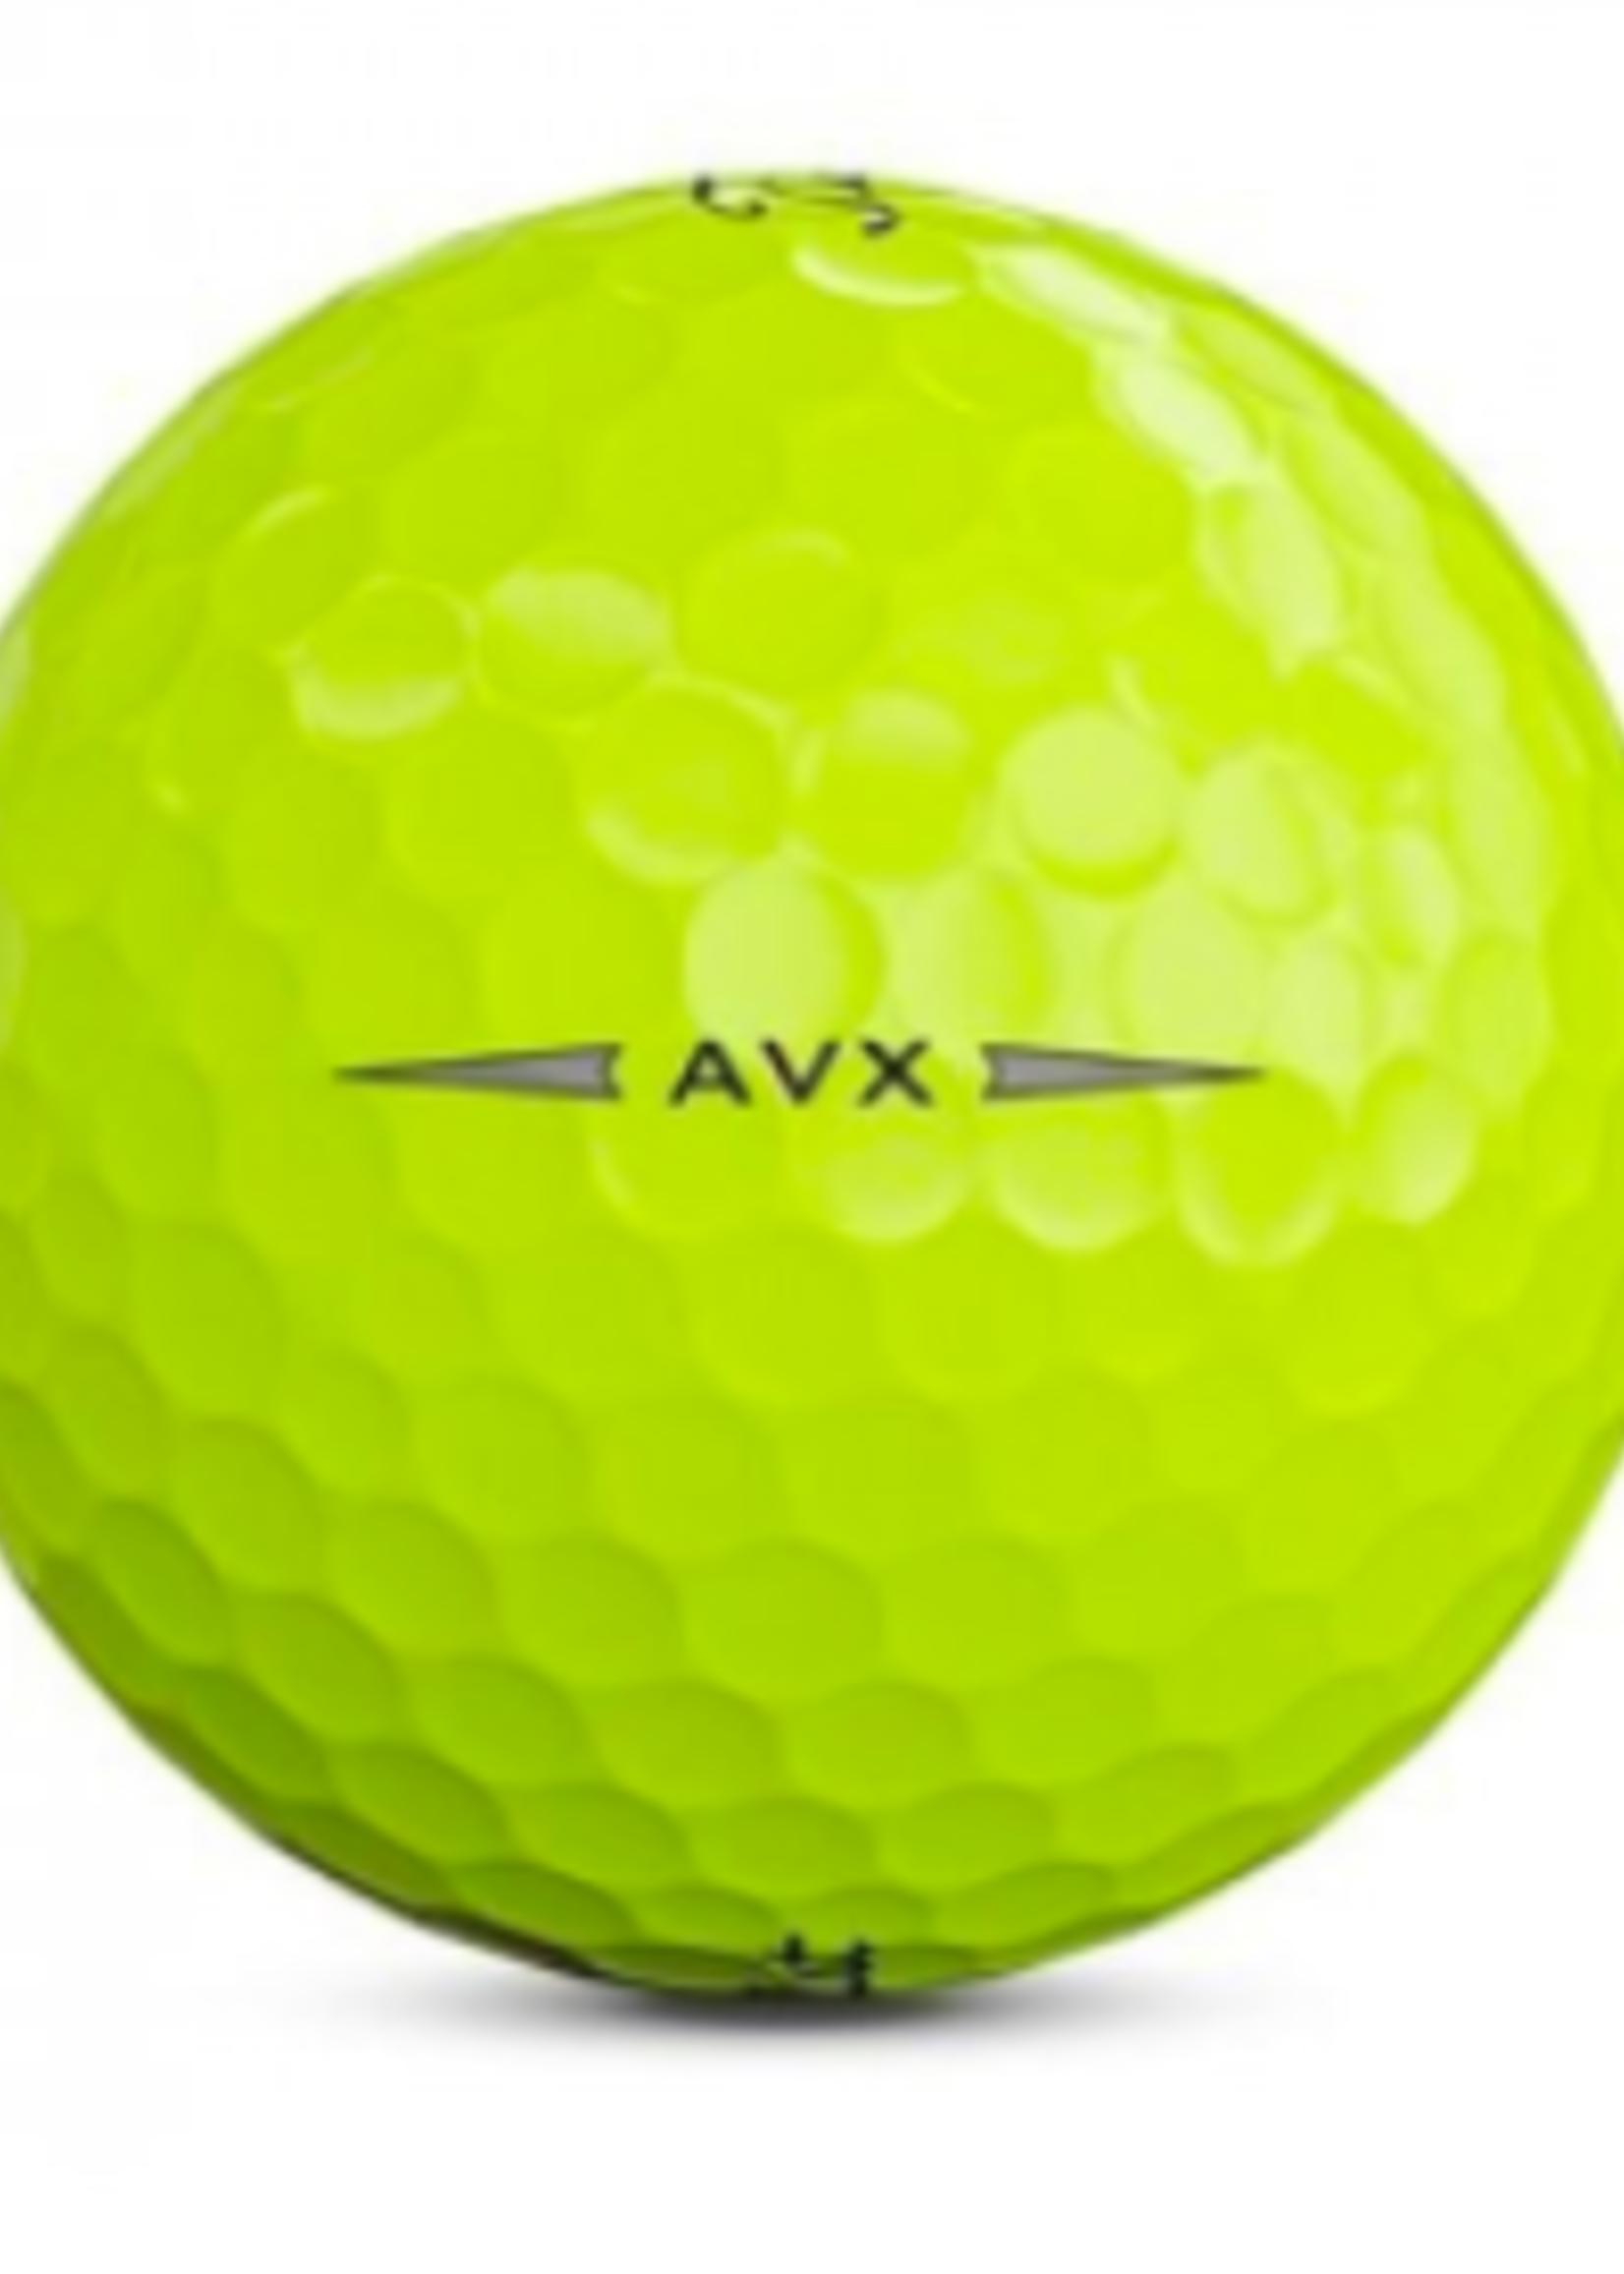 Titleist Titleist 2020 AVX Yellow